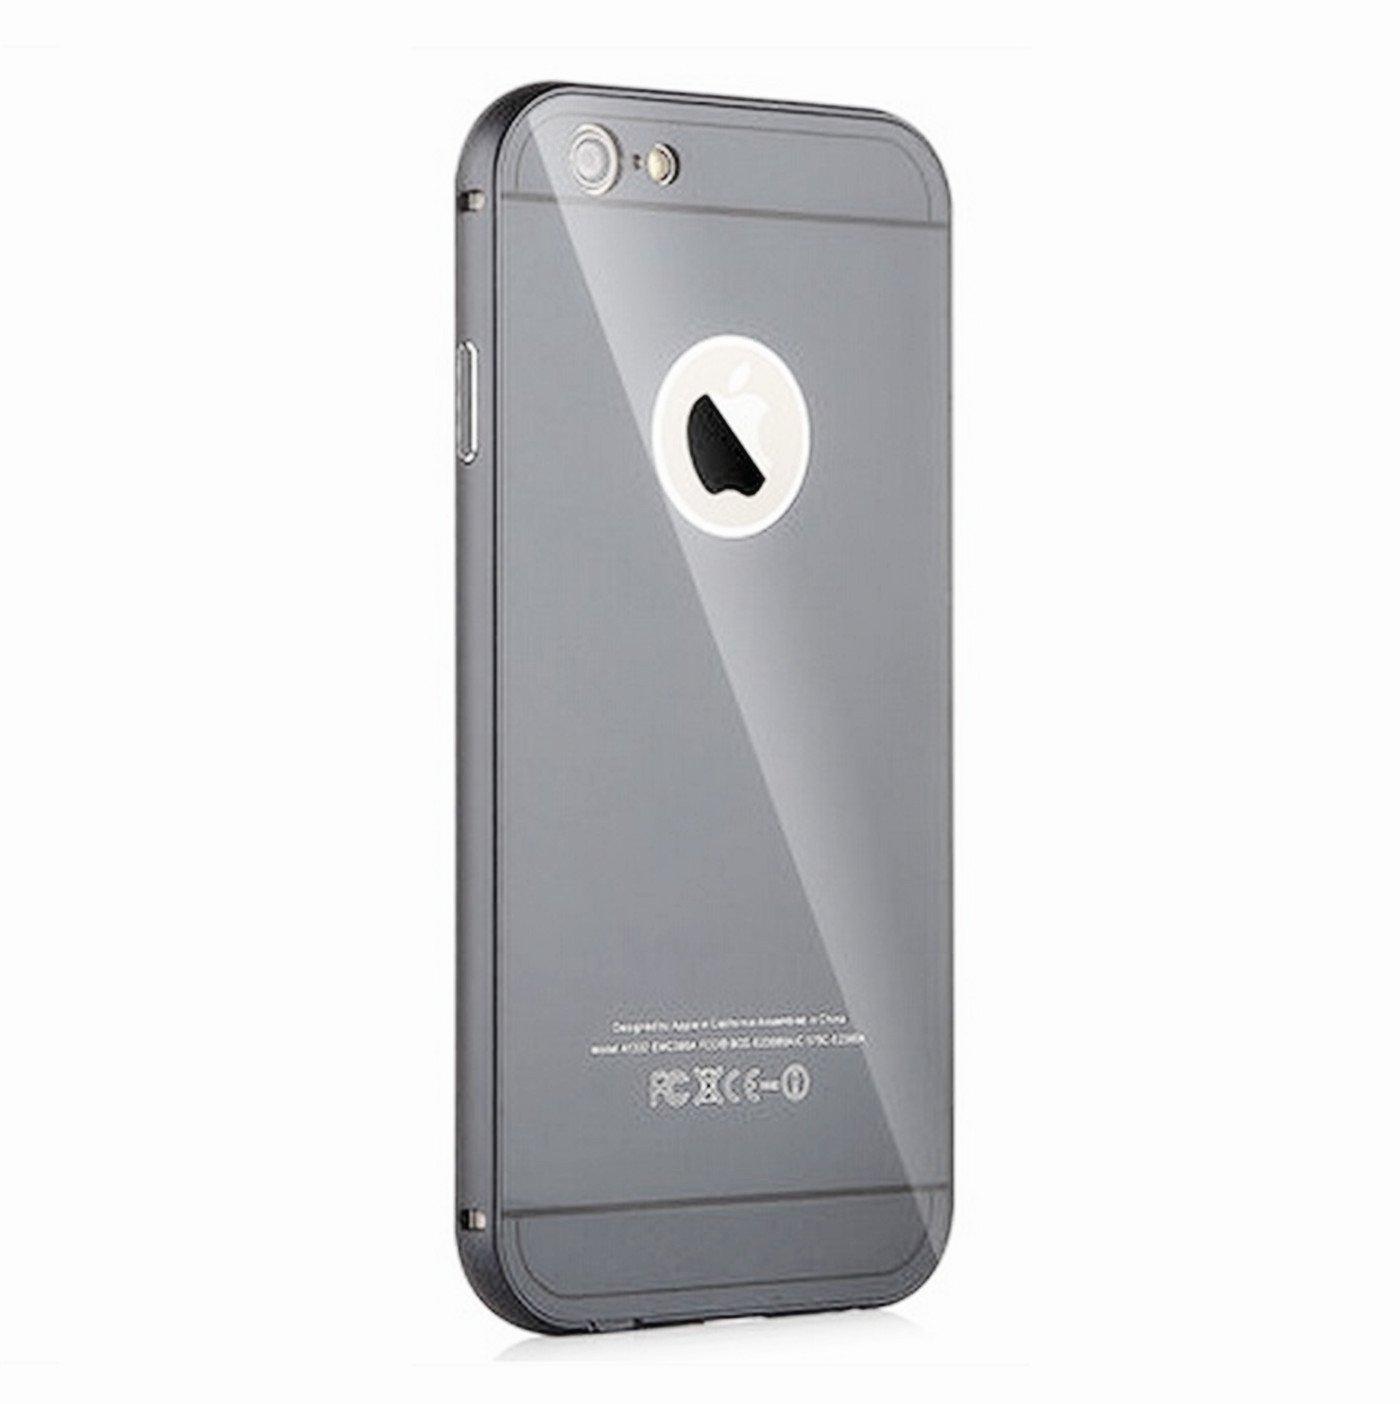 YOCY Yu Hê - tôn trong series Metal viền có thể áp dụng cho điện thoại di động iPhone6 4.7 inch vỏ b